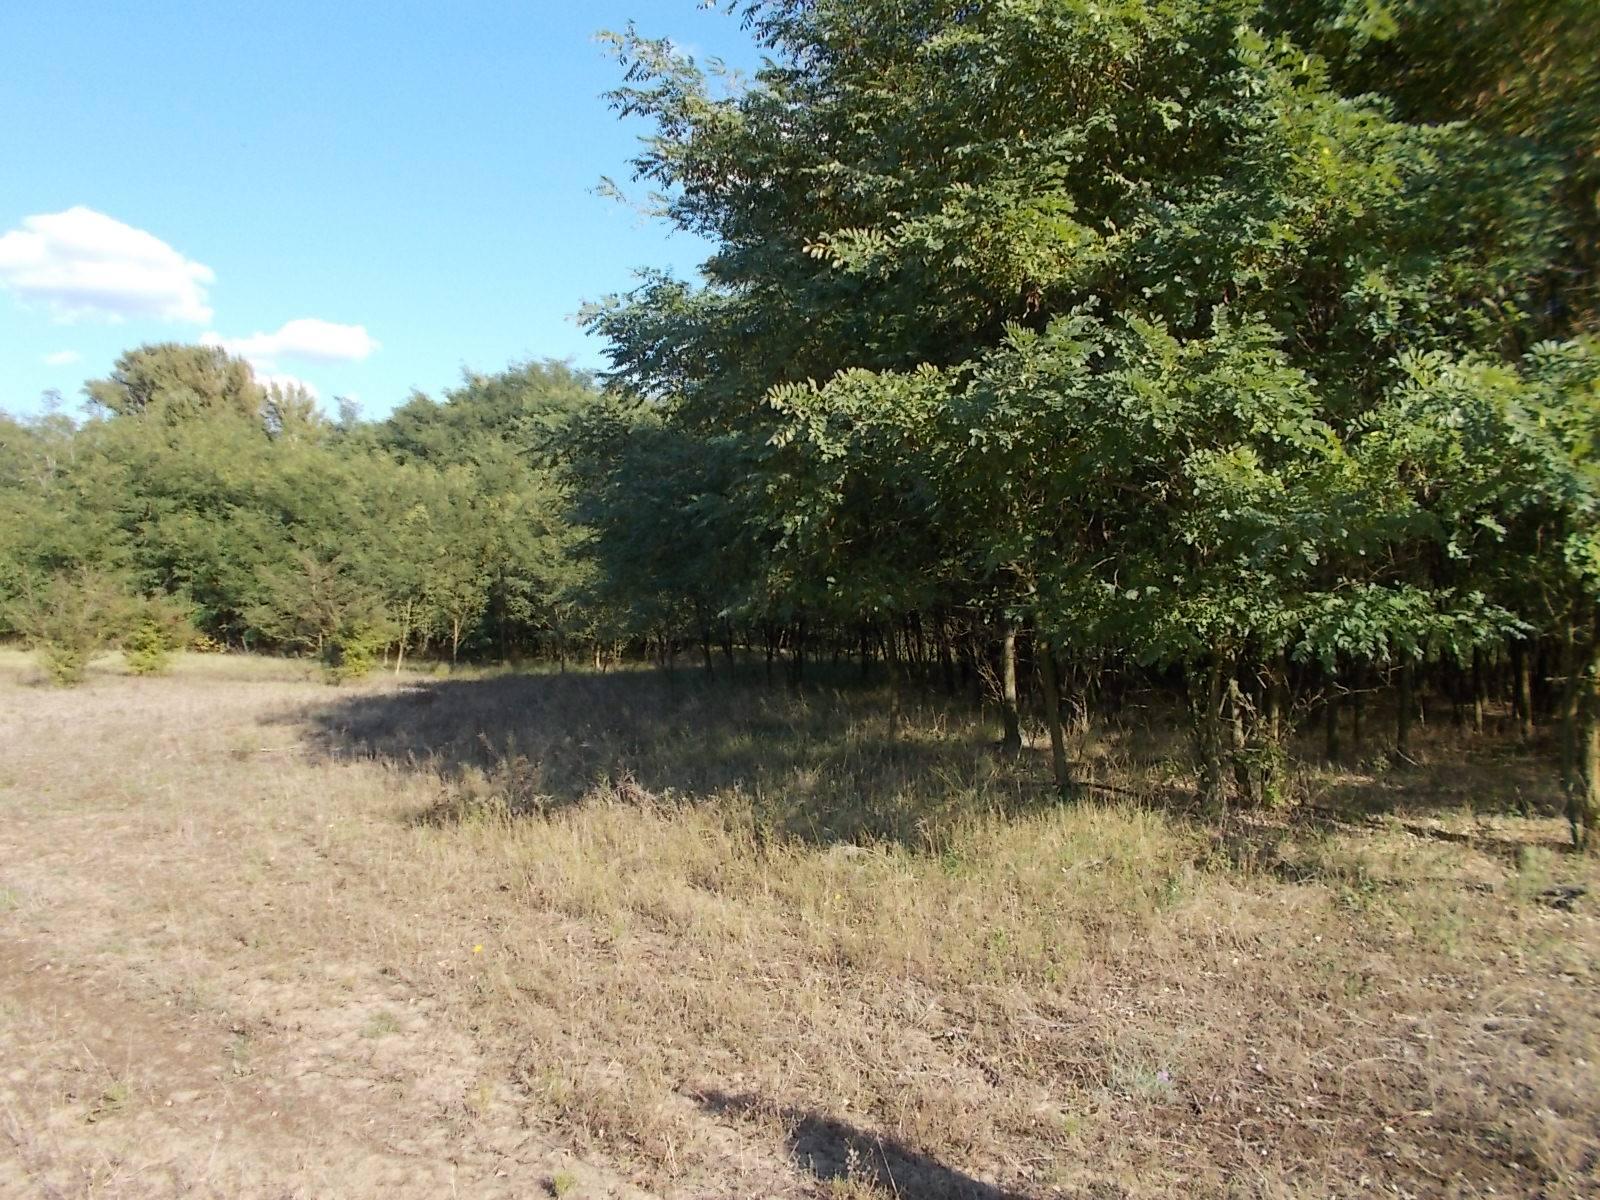 Eladó Lajosmizsén szántó, erdő